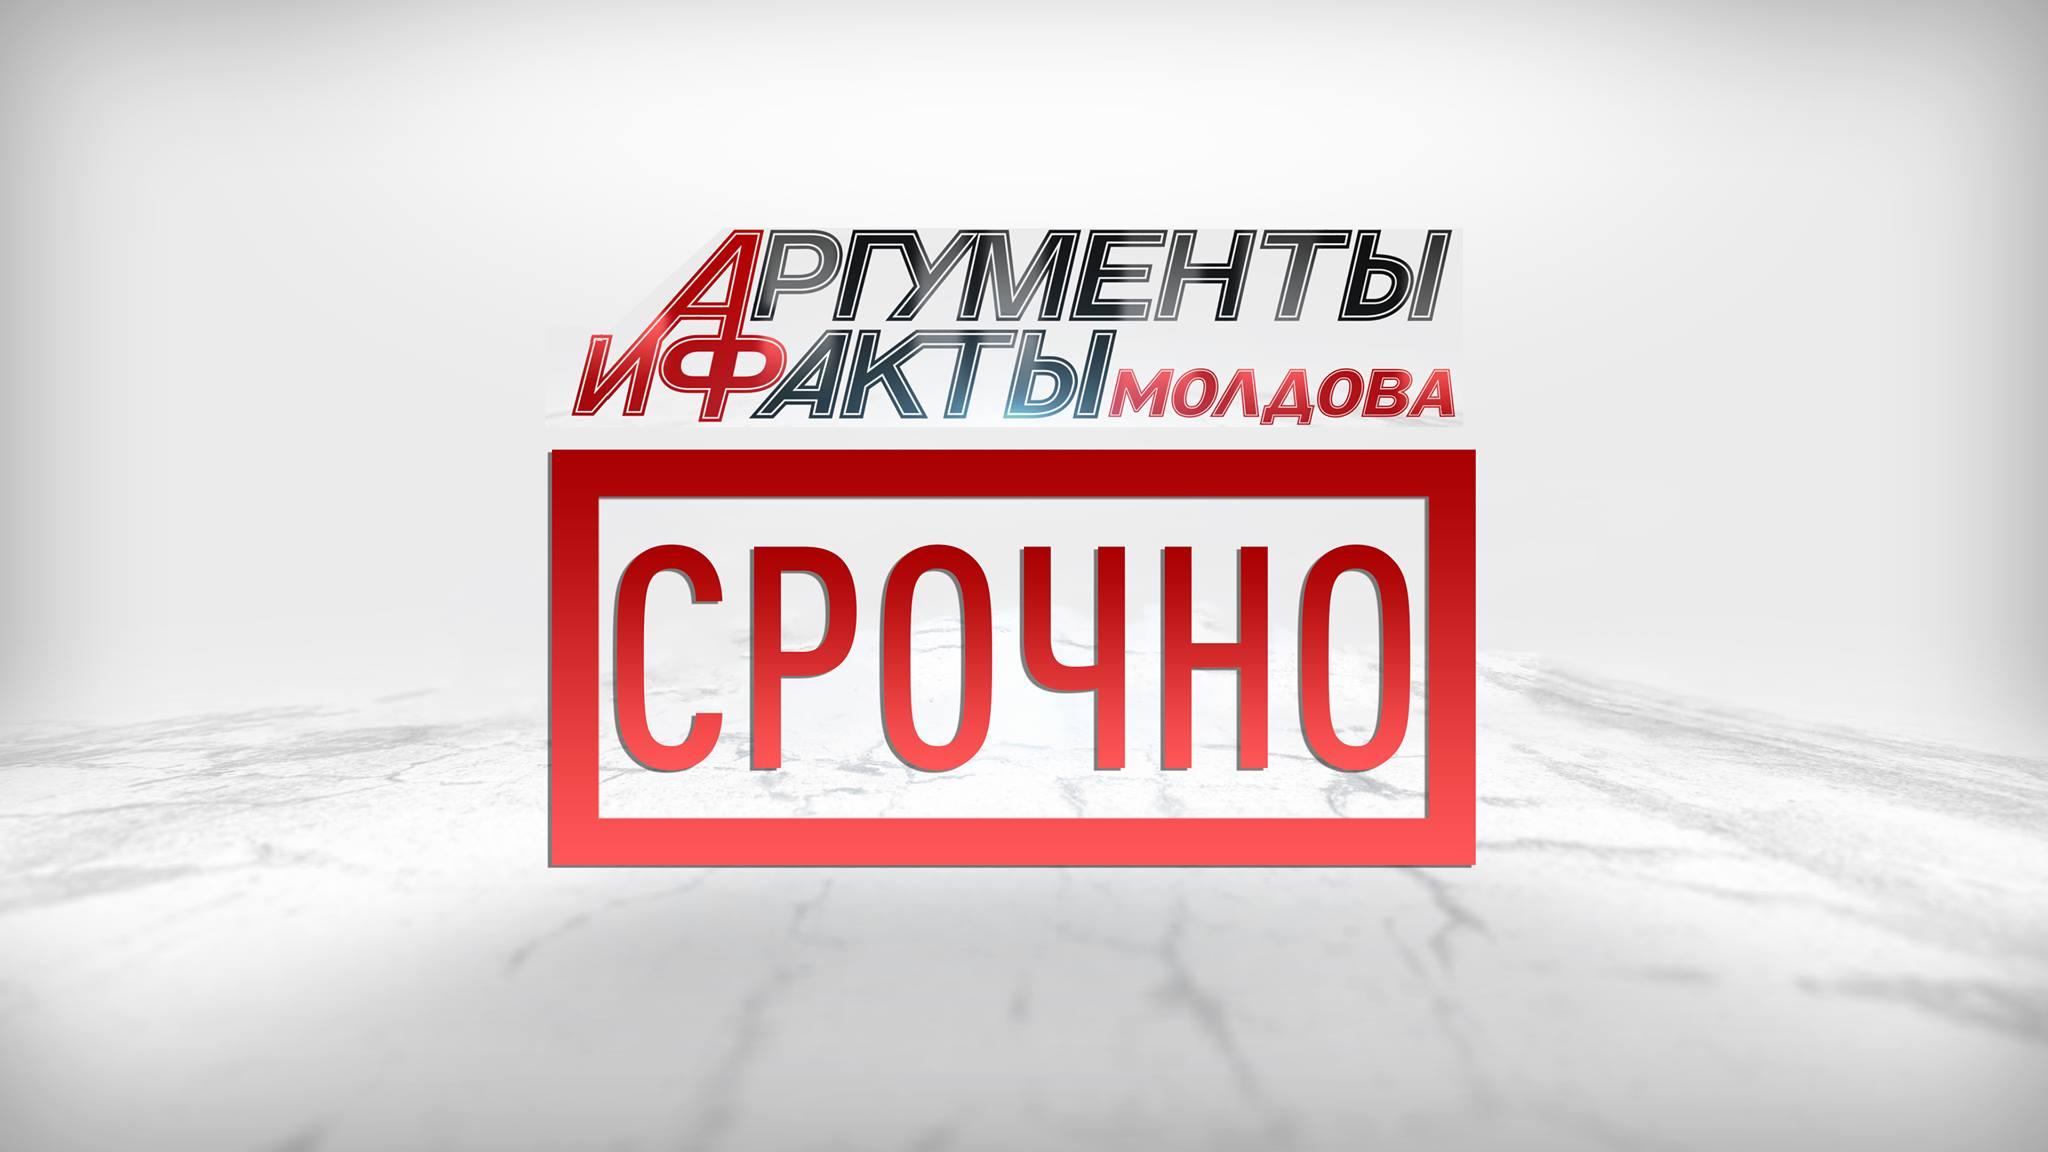 СРОЧНО! Приостановленный в должности глава Антикоррупционной прокуратуры задержан на 72 часа